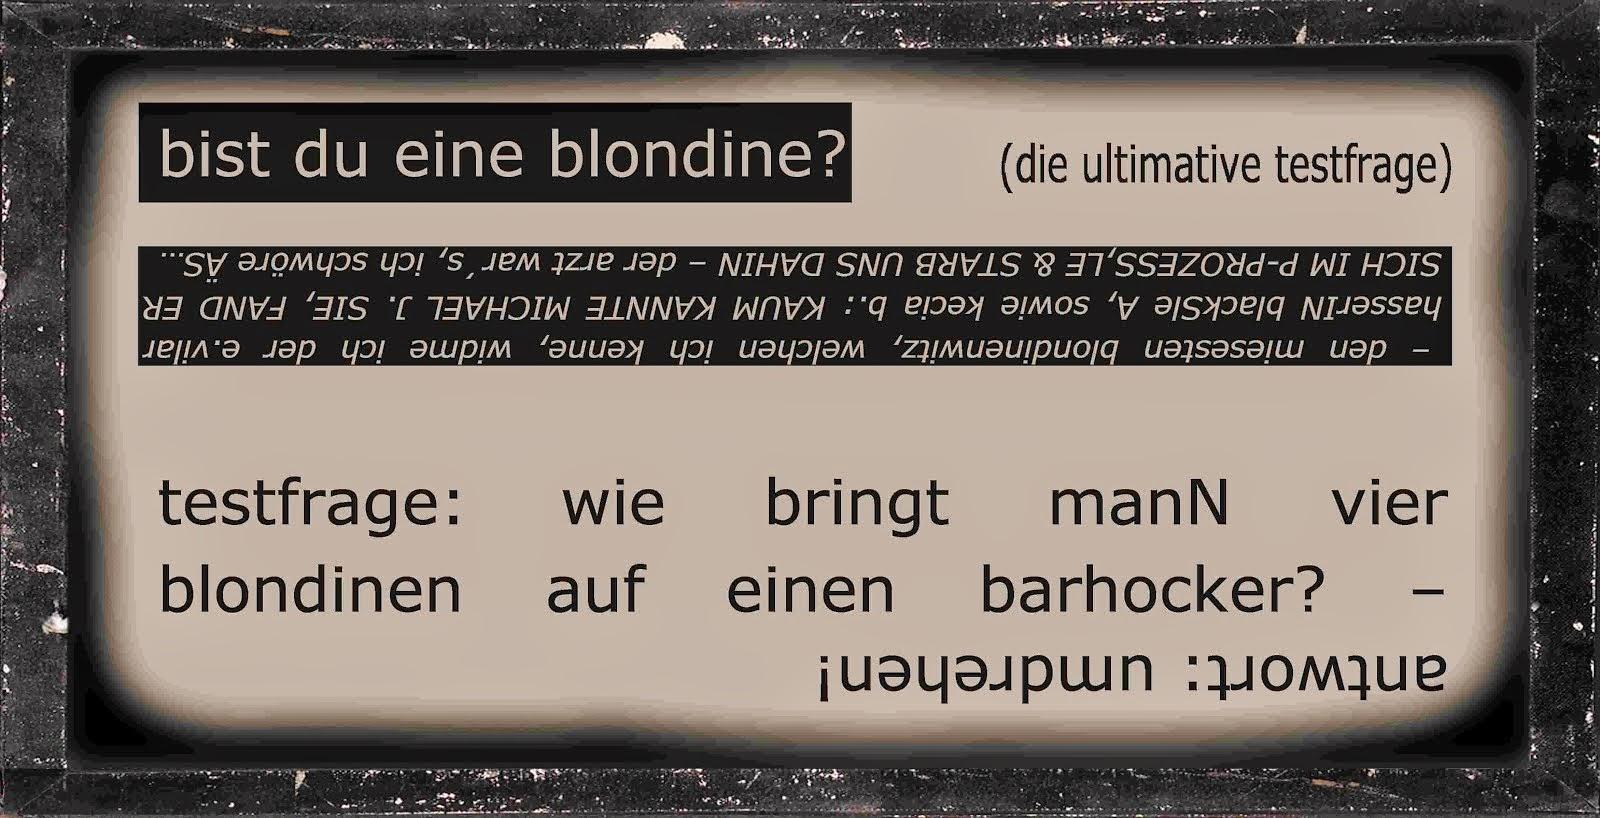 esther vilar der dressierte mann blondinen witze alice schwarzer DER SPIEGEL emanze vs emanzipatiON